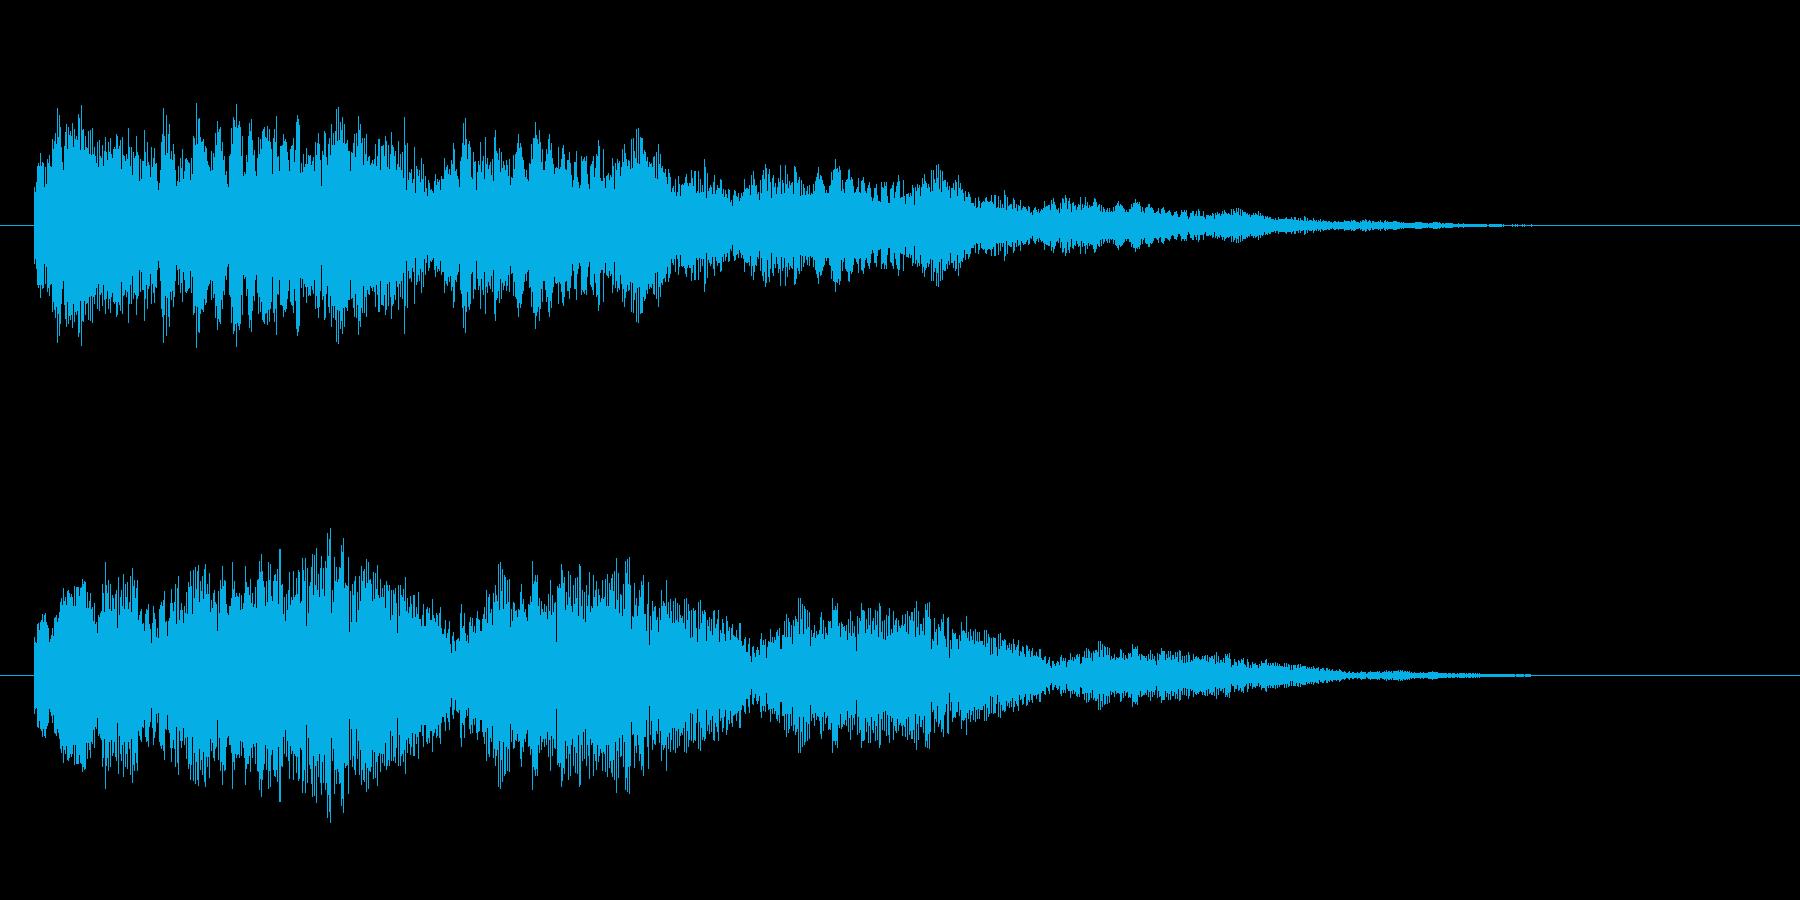 山びこのようなエコーのあるロゴ・ジングルの再生済みの波形